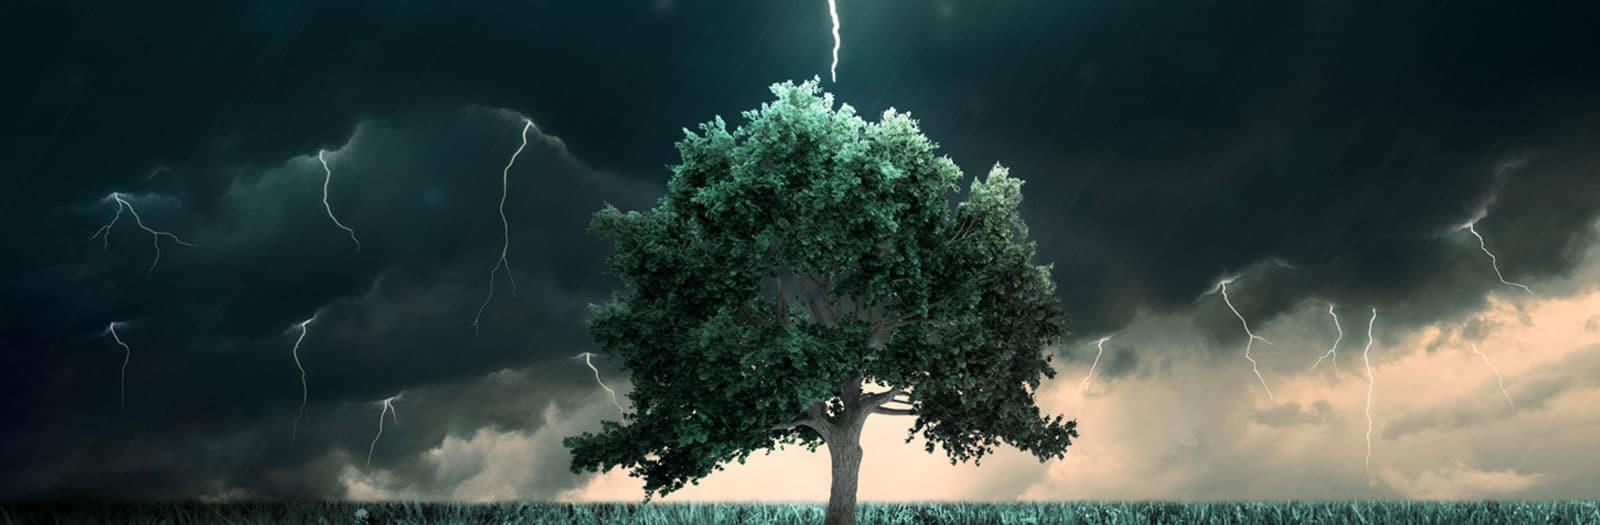 tree being struck by lightning